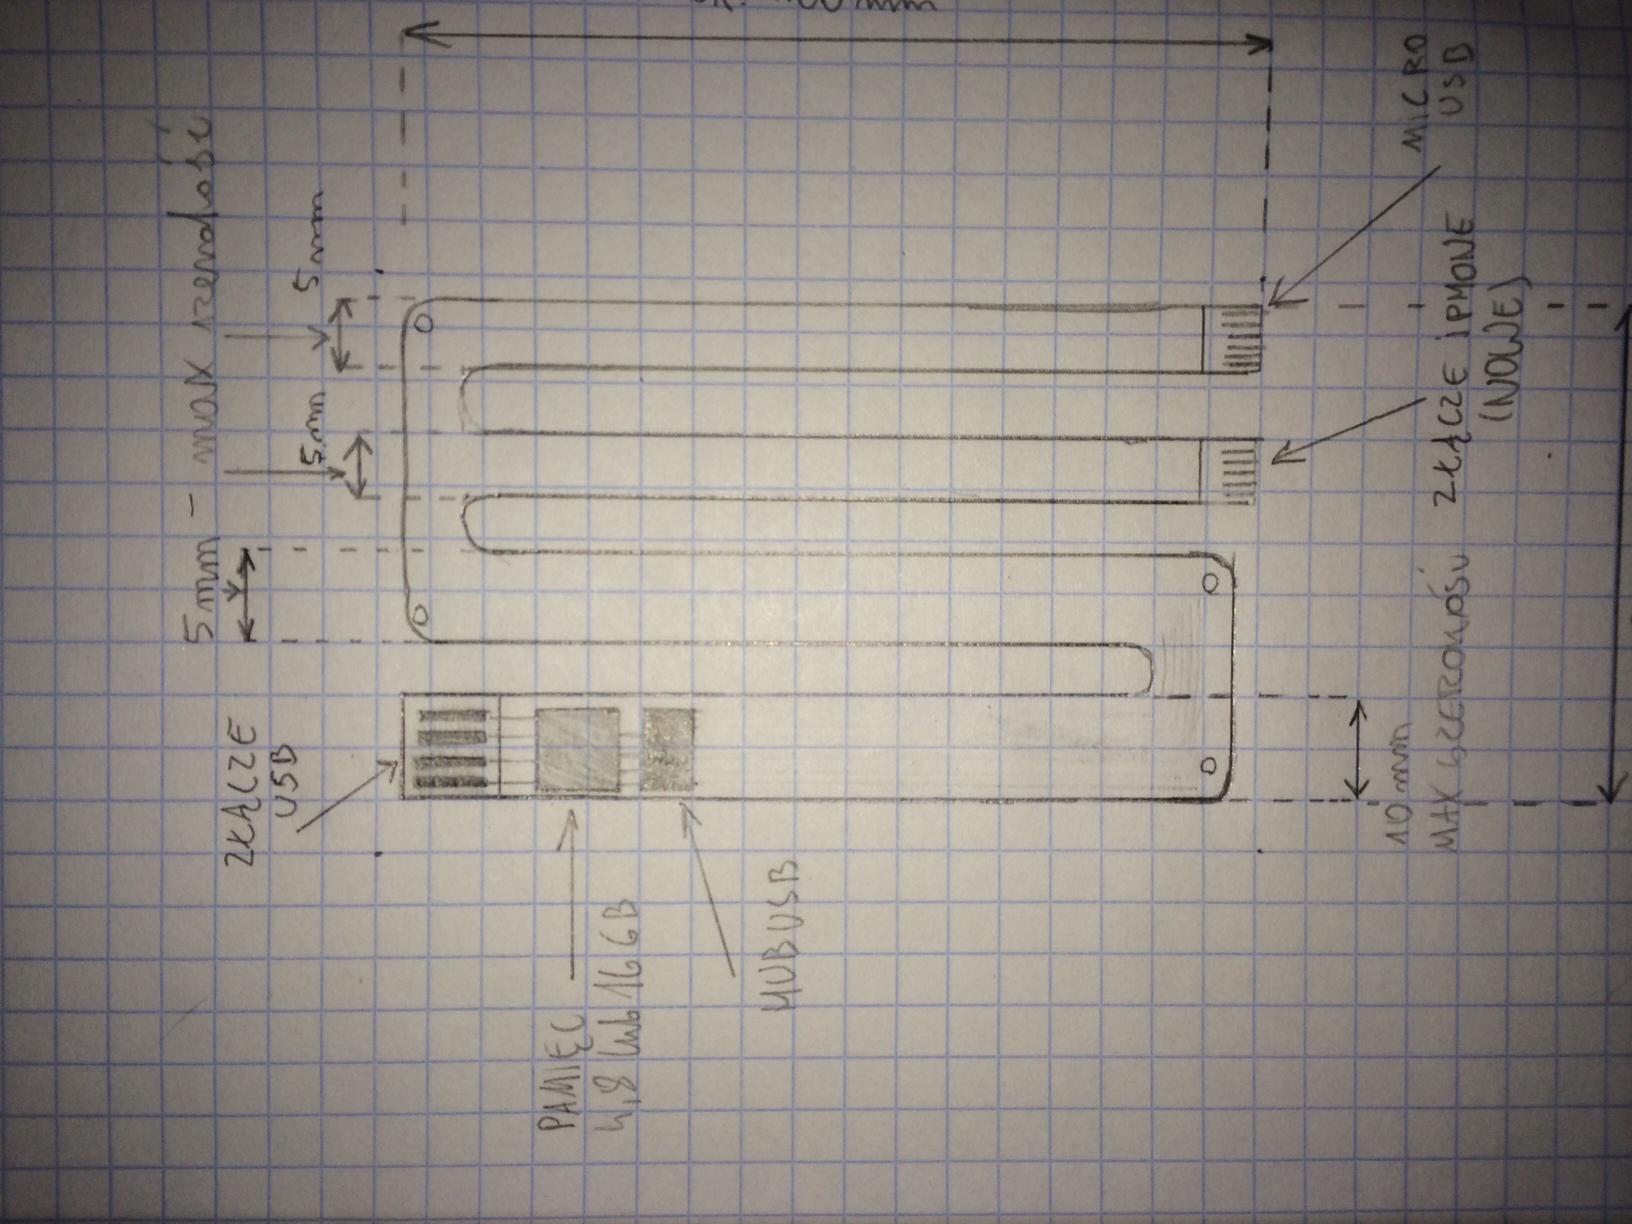 [Zlec�] Wykonanie zaprojektowanie oraz wykonanie prototypu urz�dzenia USB